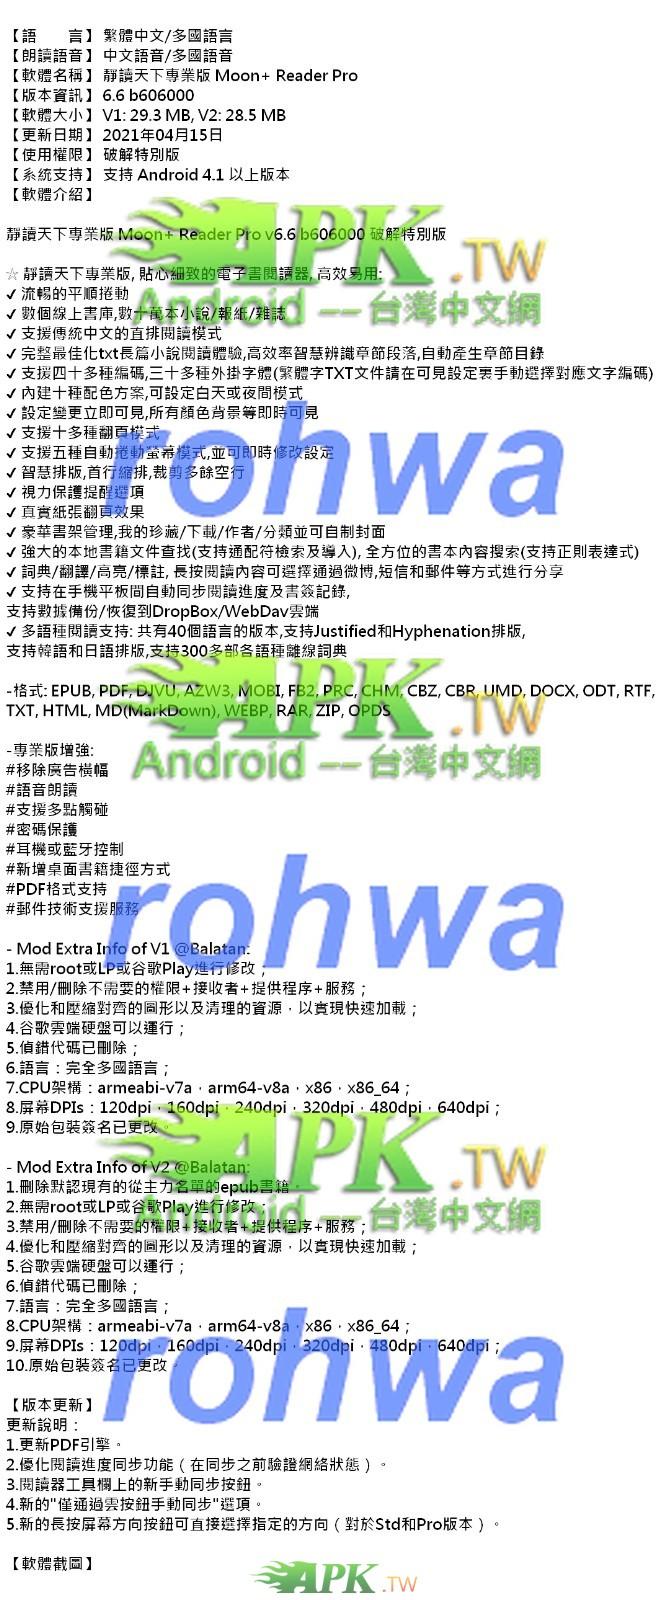 Moon_Reader_Pro_6.6_b606000_.jpg